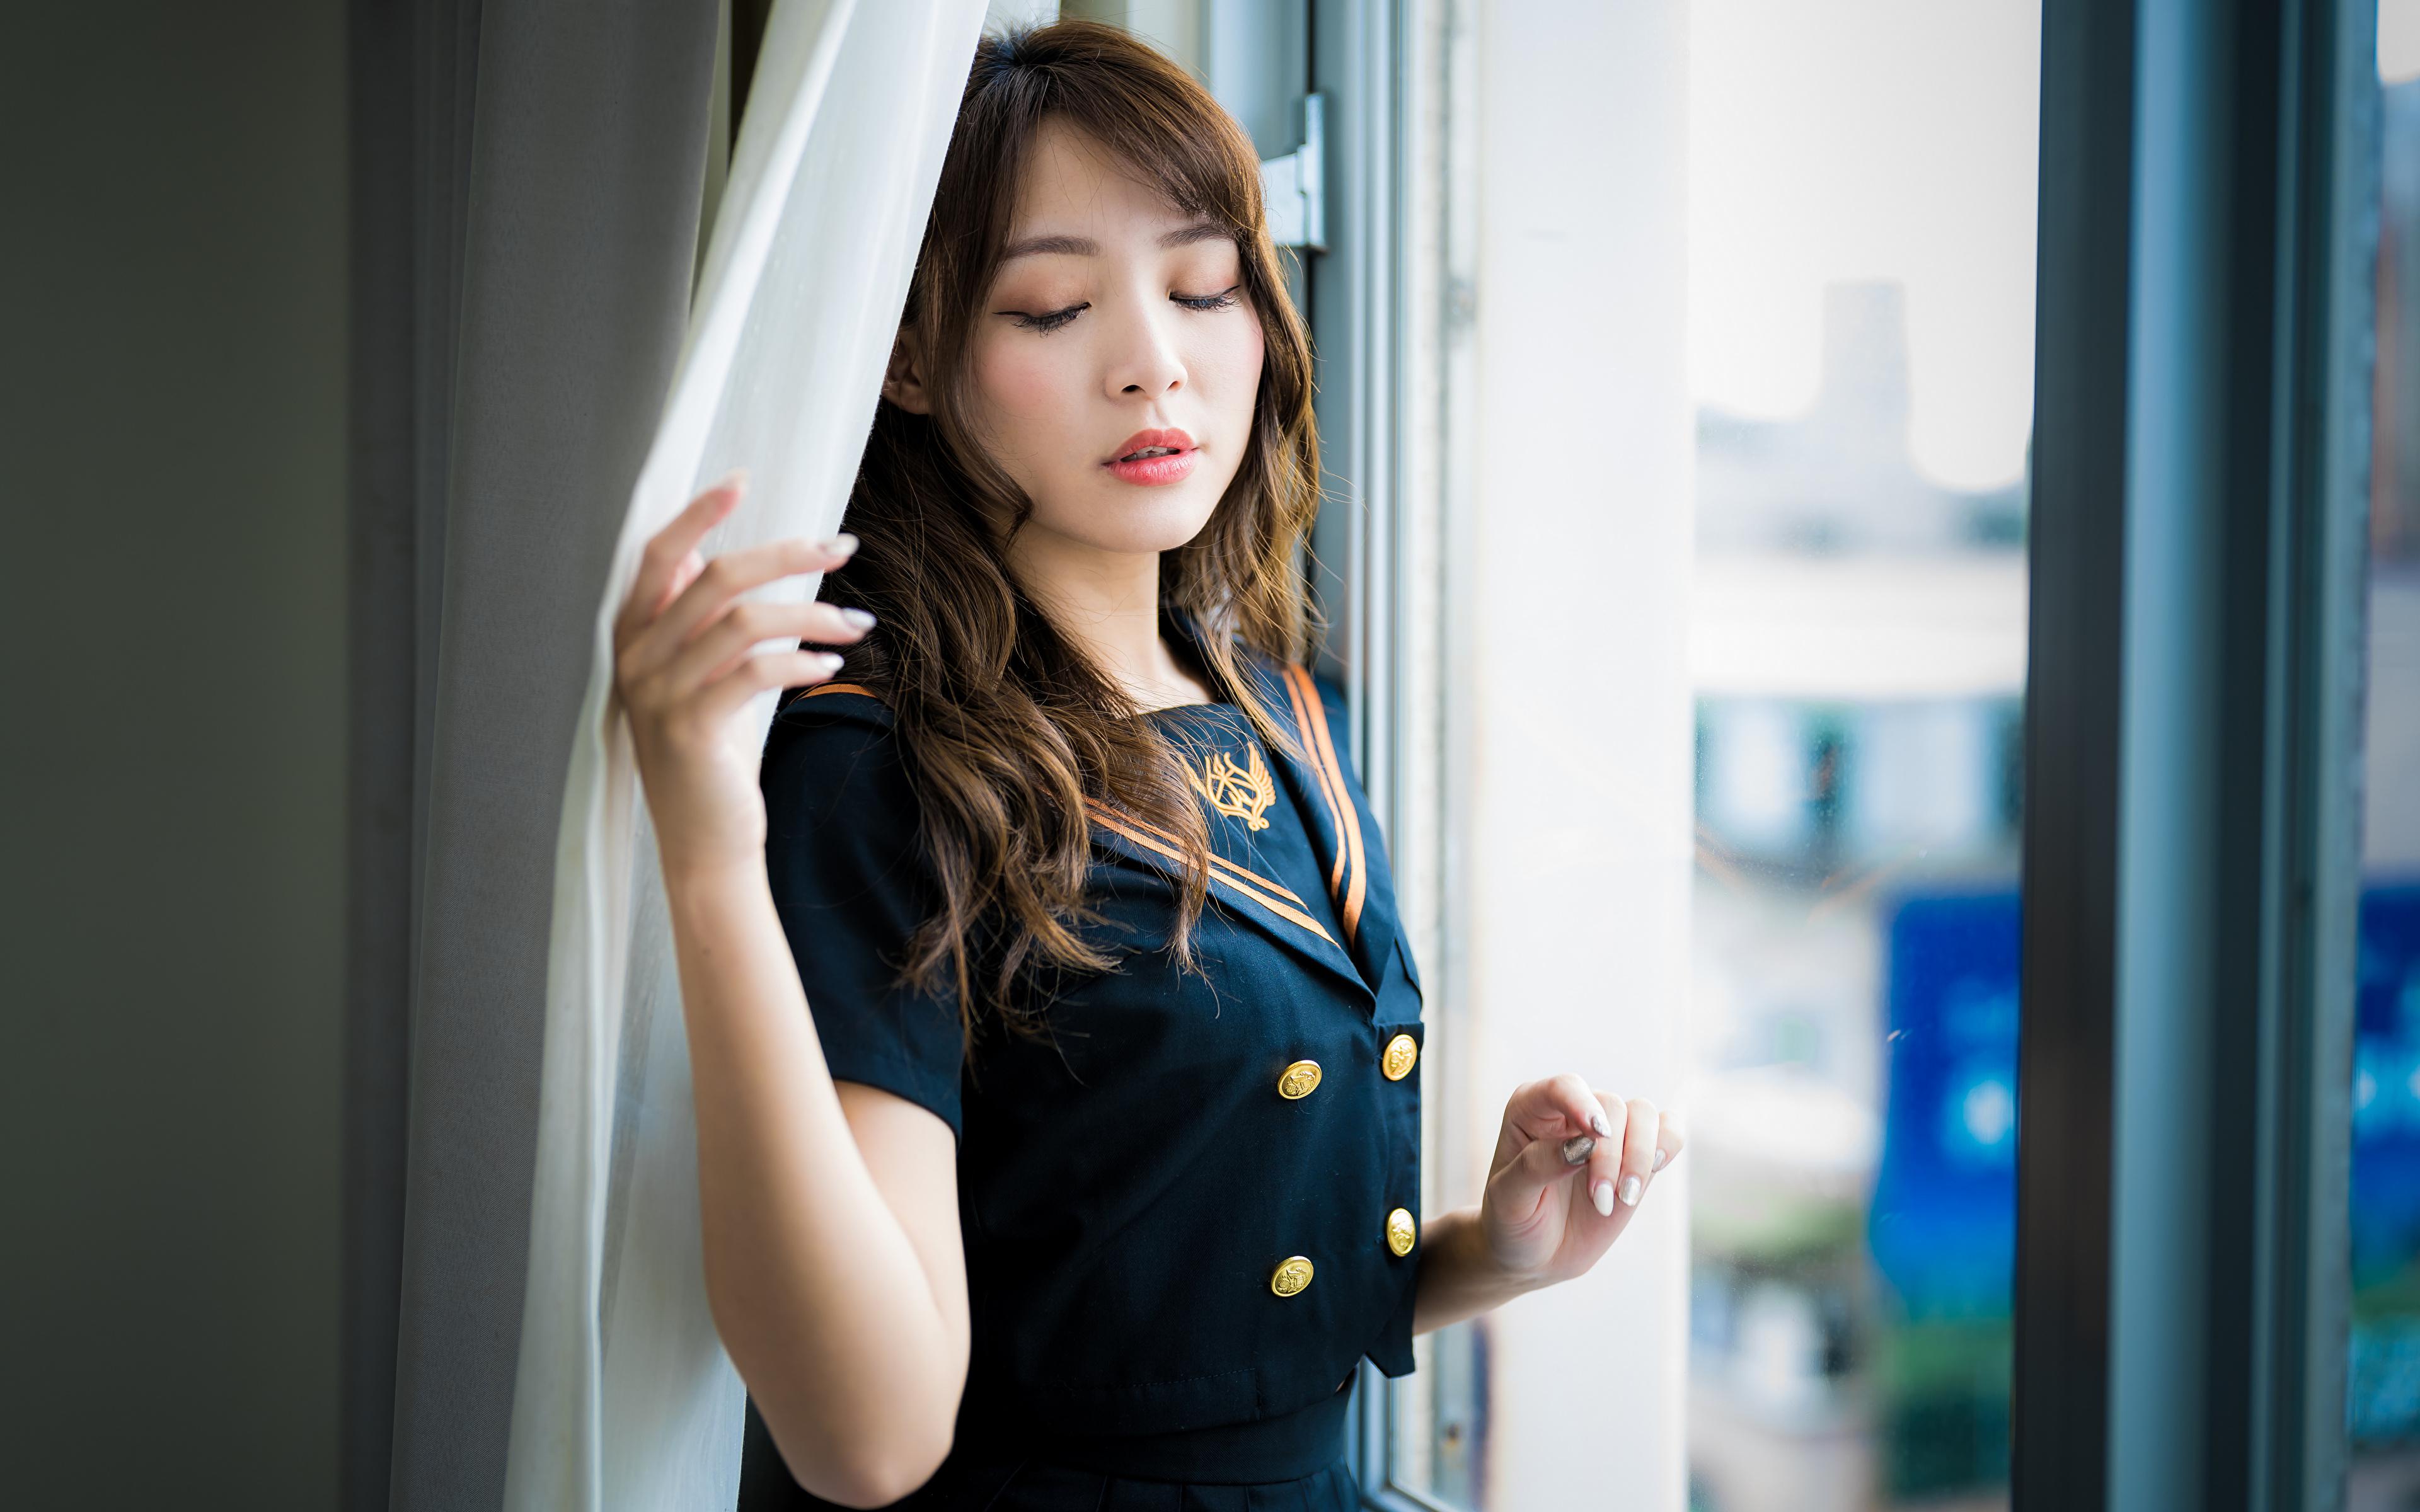 Картинки шатенки Размытый фон позирует Девушки азиатка Окно униформе 3840x2400 Шатенка боке Поза девушка молодая женщина молодые женщины Азиаты азиатки окна Униформа